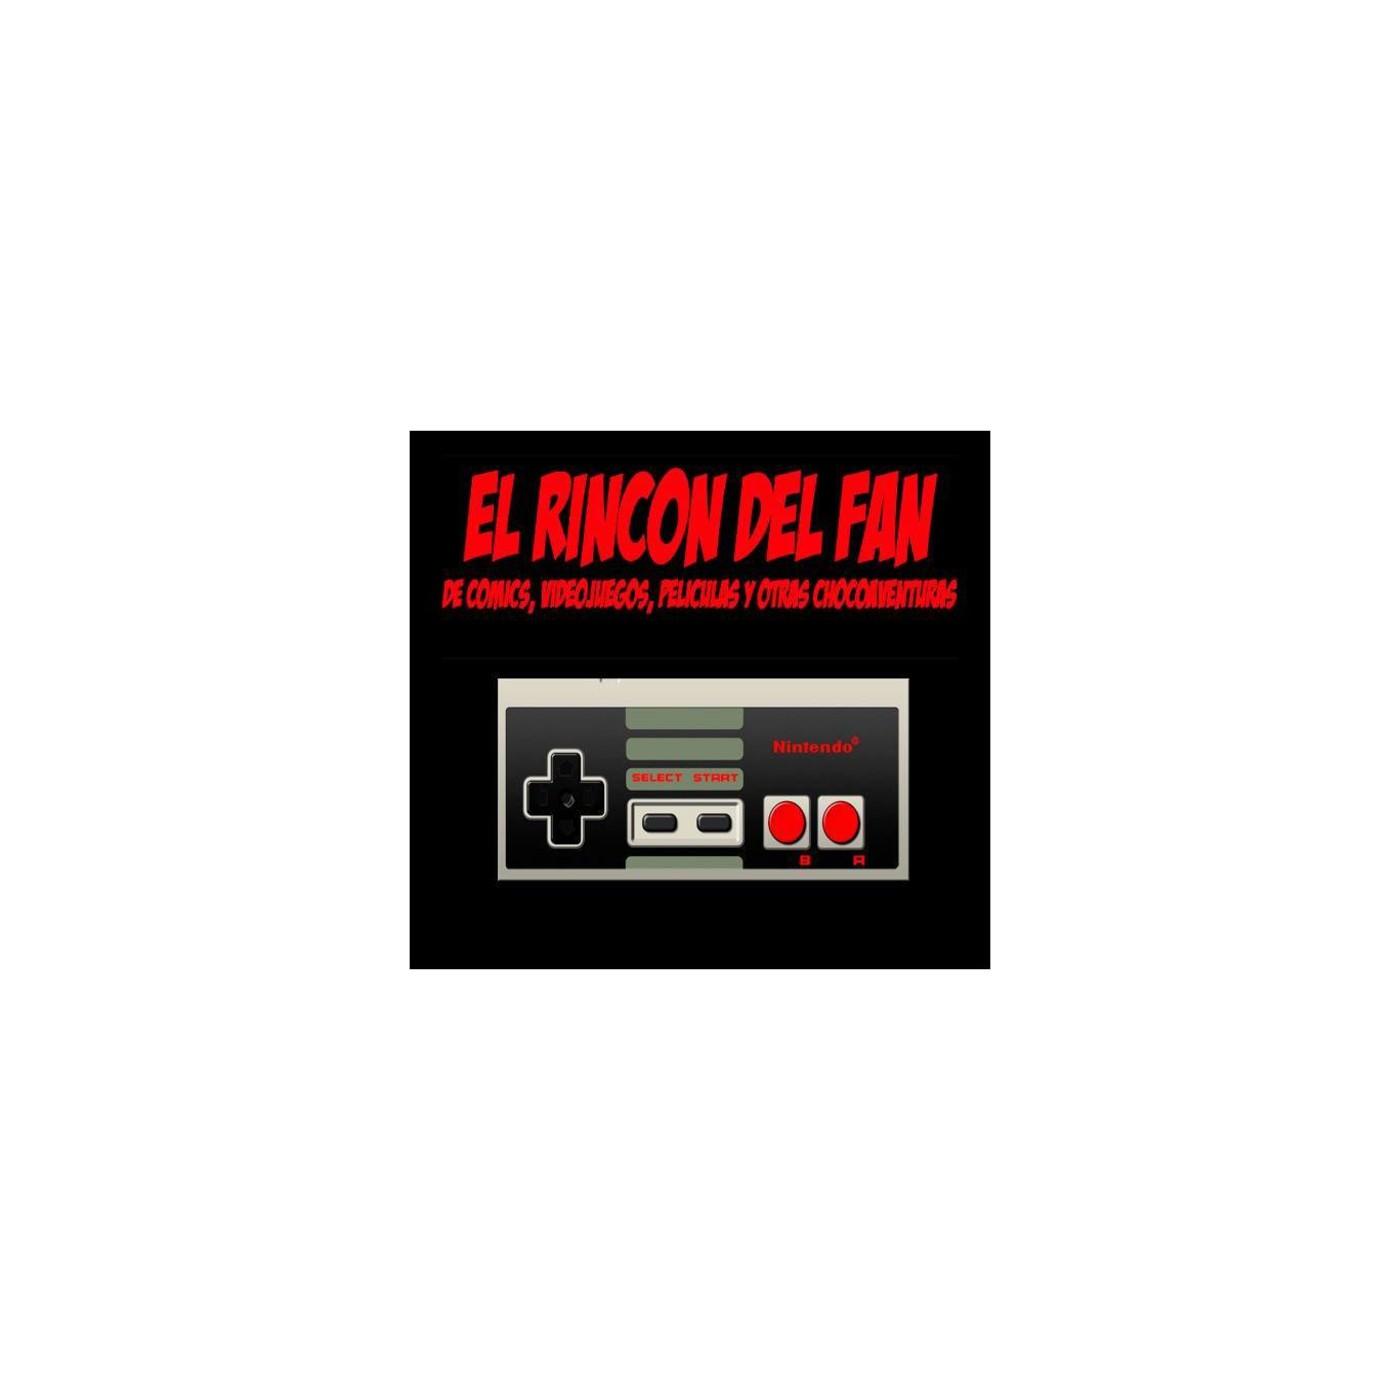 Fancast del Rincón del Fan